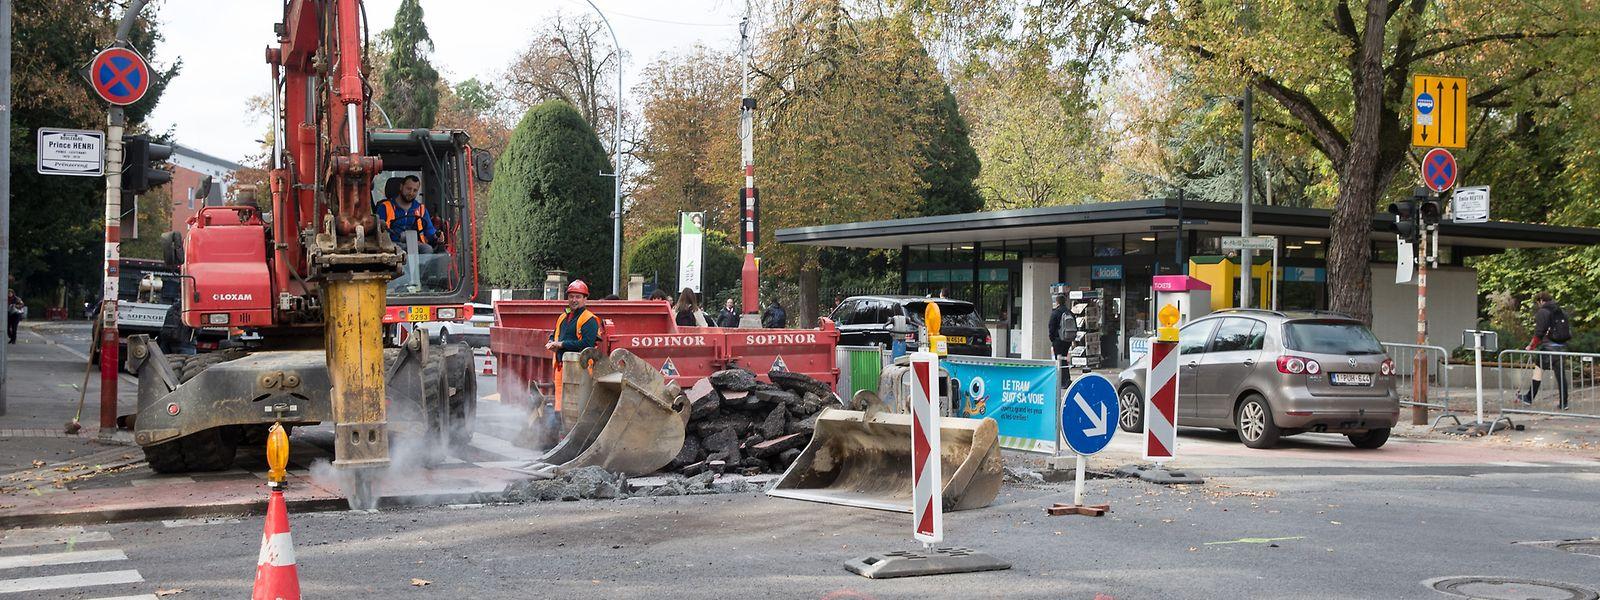 Bei der Charly's Gare haben die Arbeit für den nächsten Abschnitt der Tramtrasse begonnen.